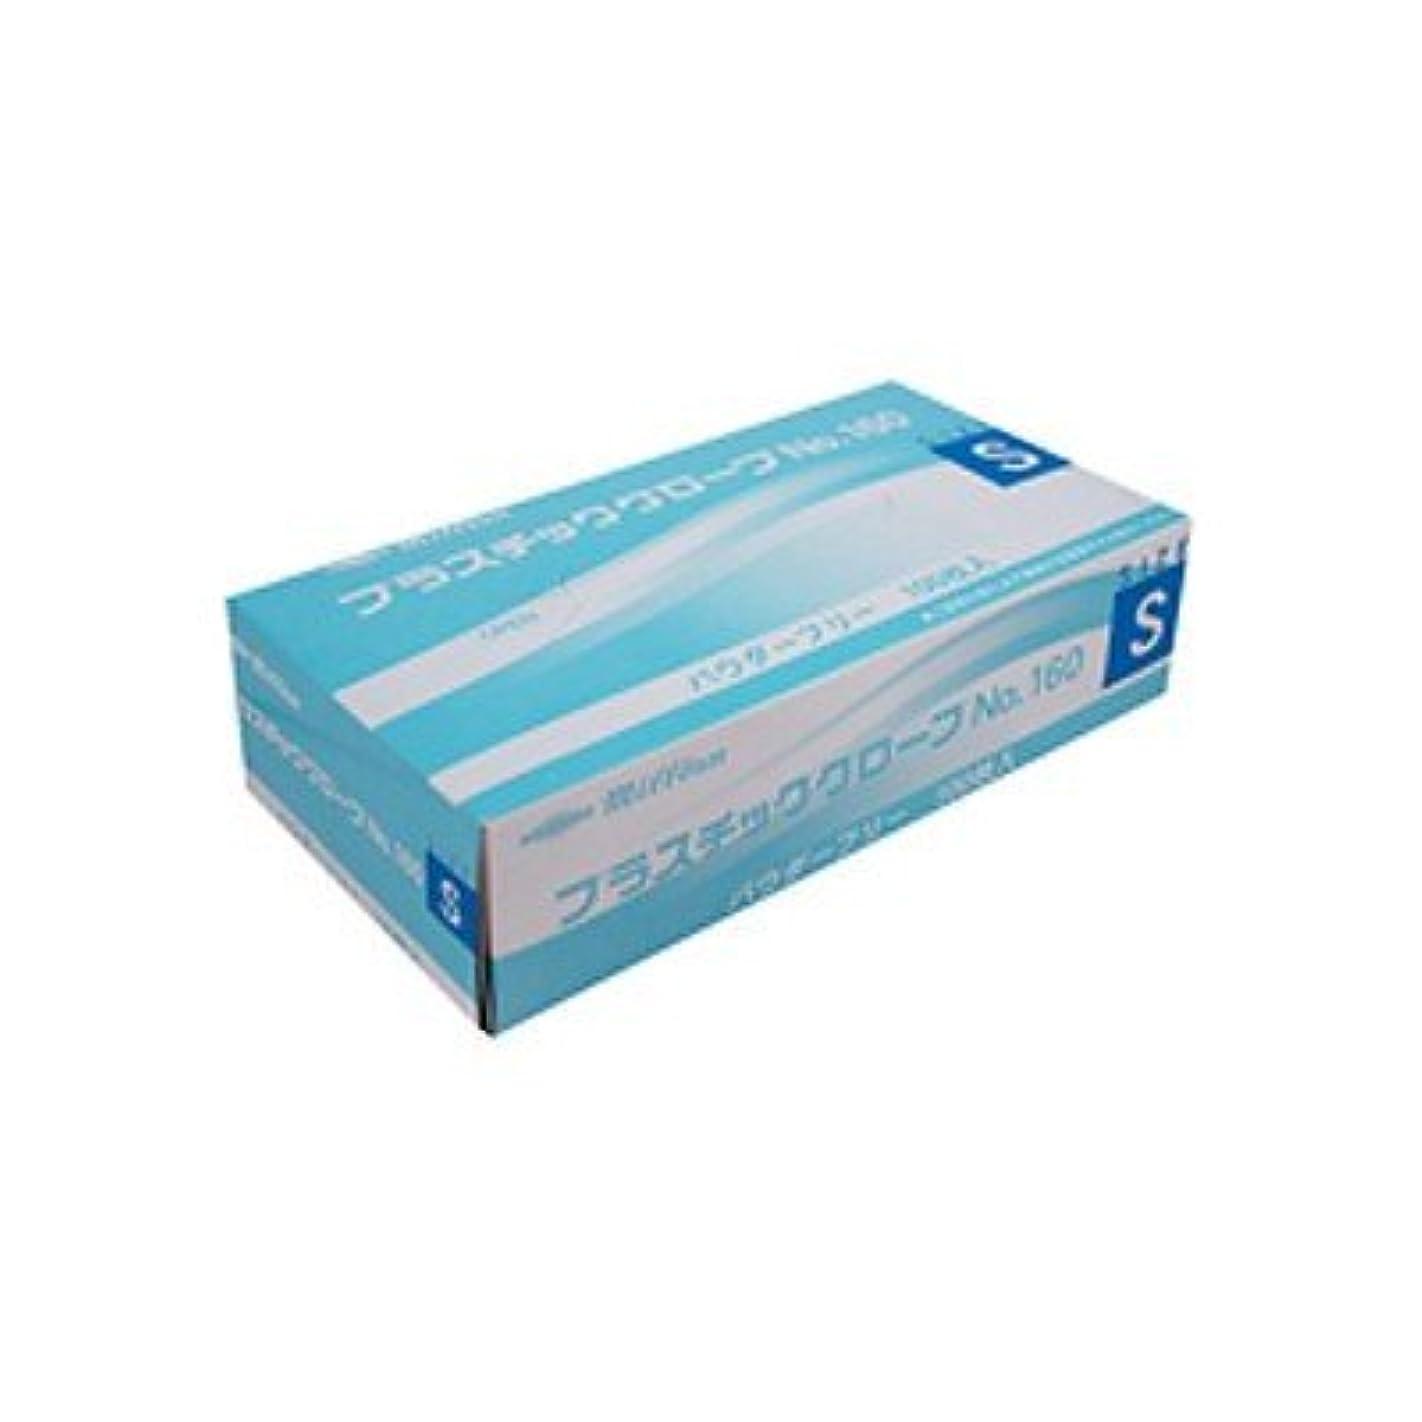 ファイバ工場ディレクトリミリオン プラスチック手袋 粉無 No.160 S 品番:LH-160-S 注文番号:62741613 メーカー:共和